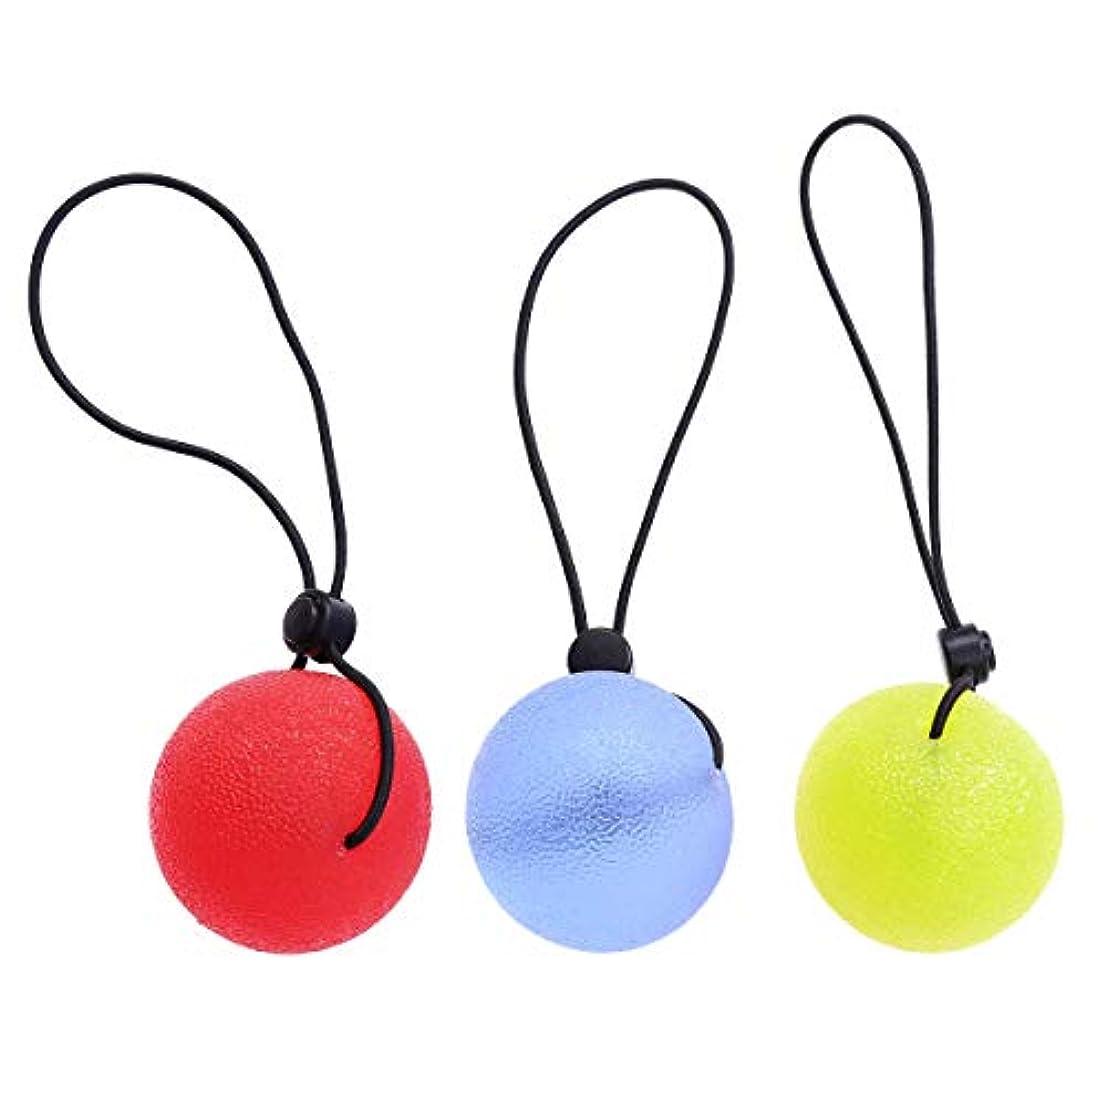 SUPVOX 3個シリコーングリップボールハンドエクササイズボールハンドセラピー強化剤トレーナー